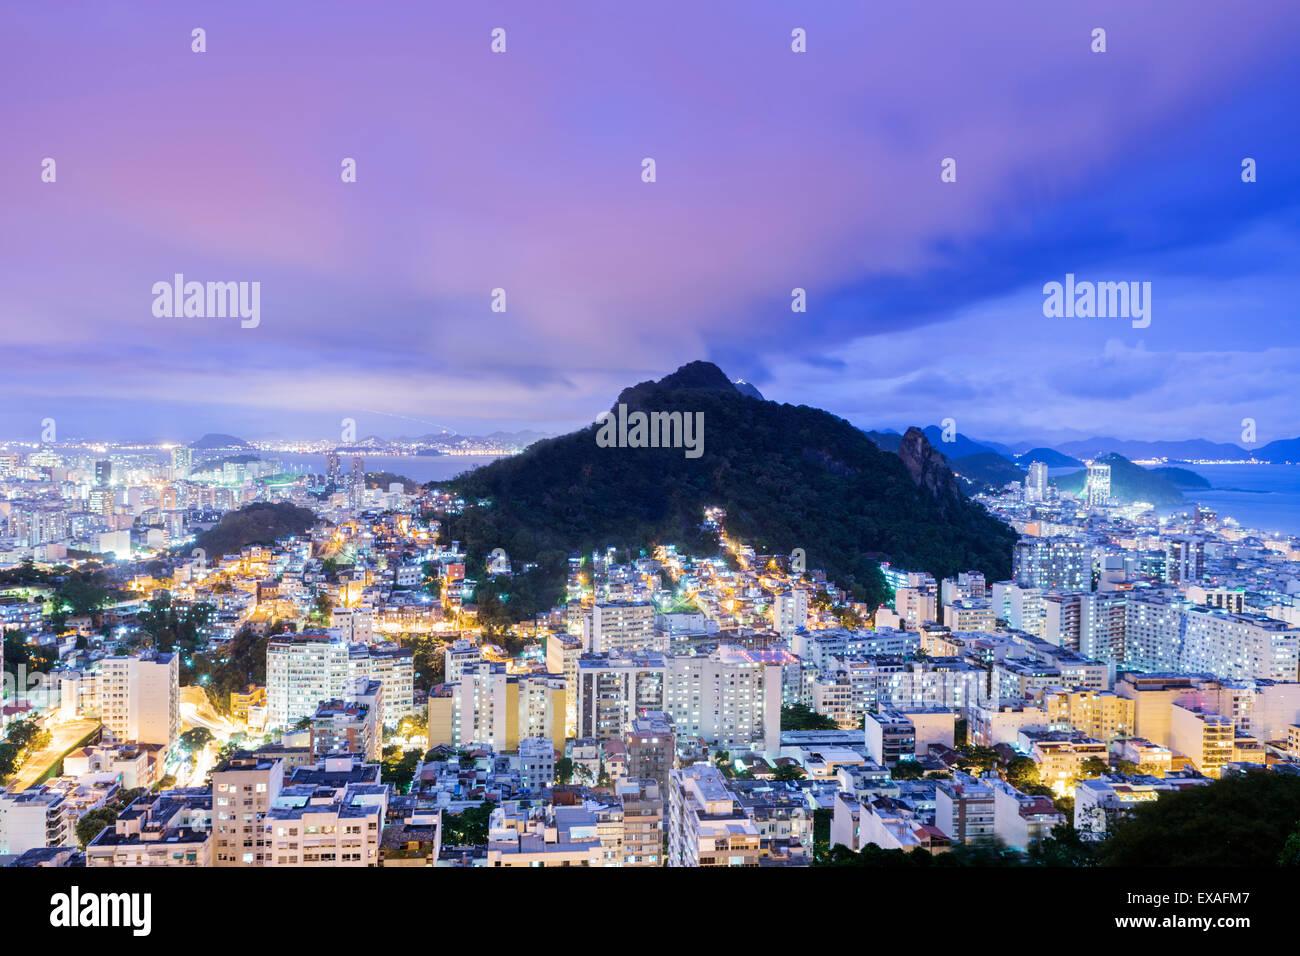 Crepúsculo, vista iluminada de Copacabana, el Morro de Sao Joao, Botafogo y la costa atlántica de Río Imagen De Stock